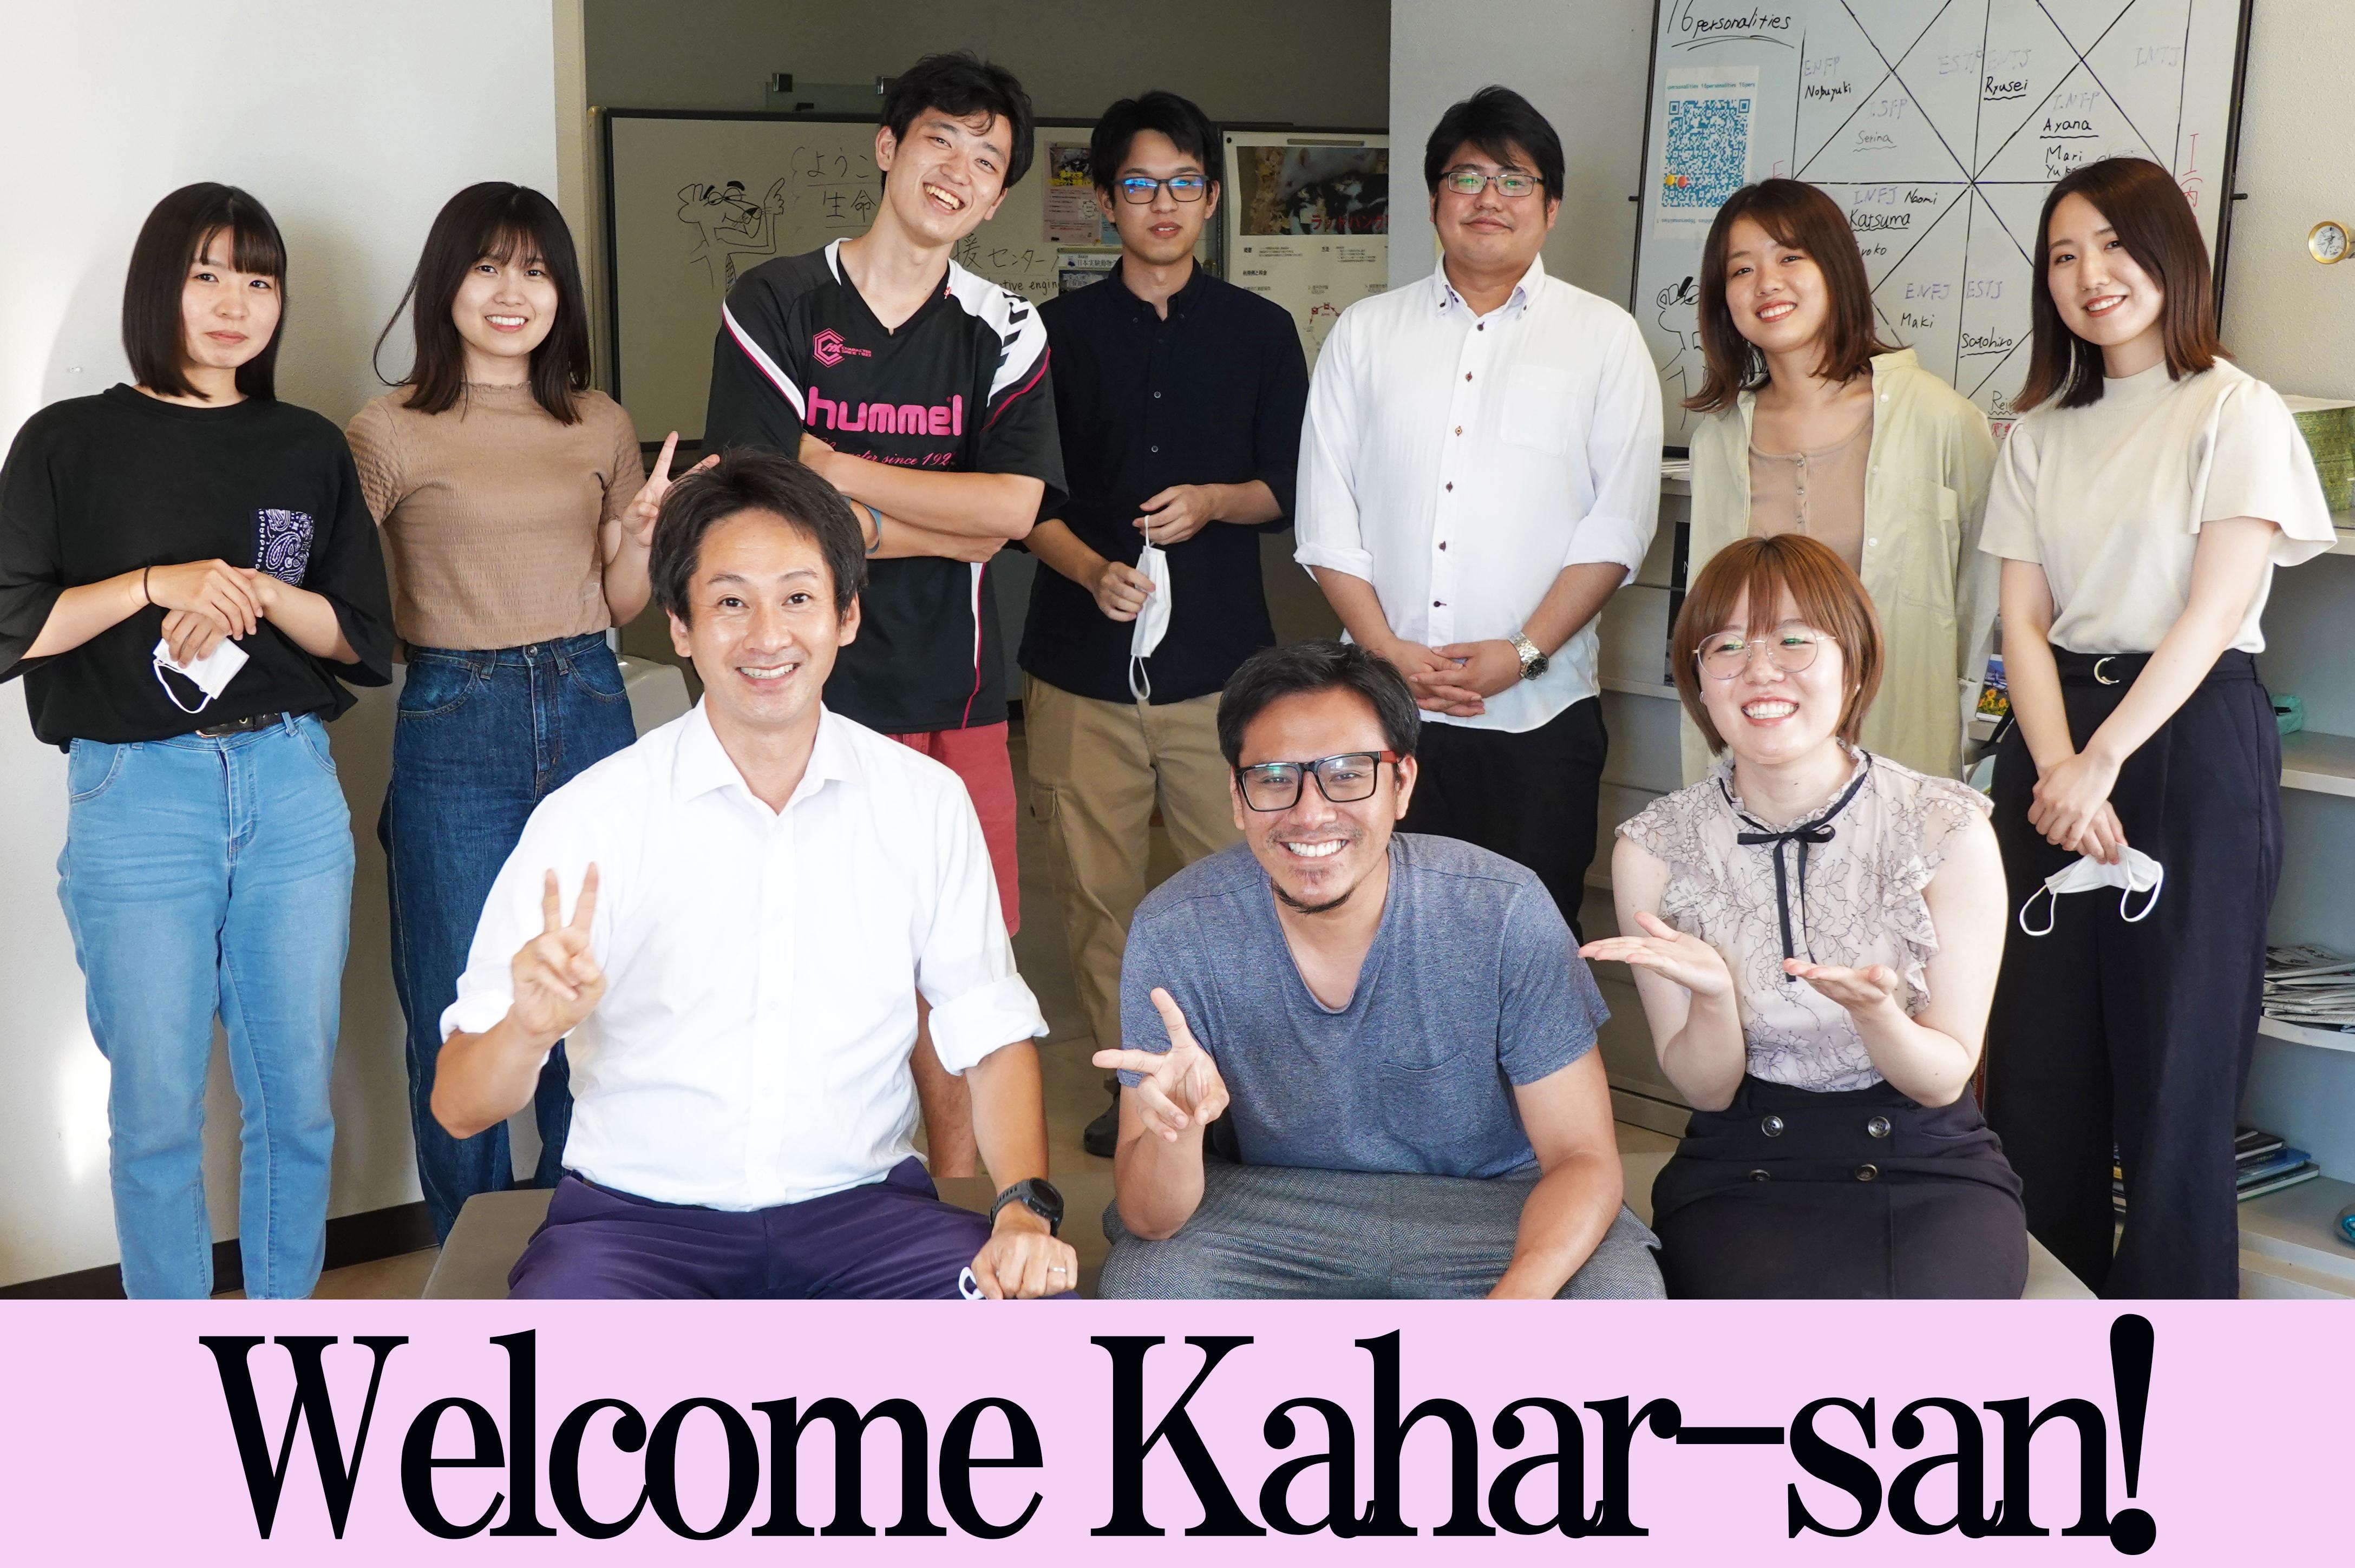 WelcomeKahar-san.jpg